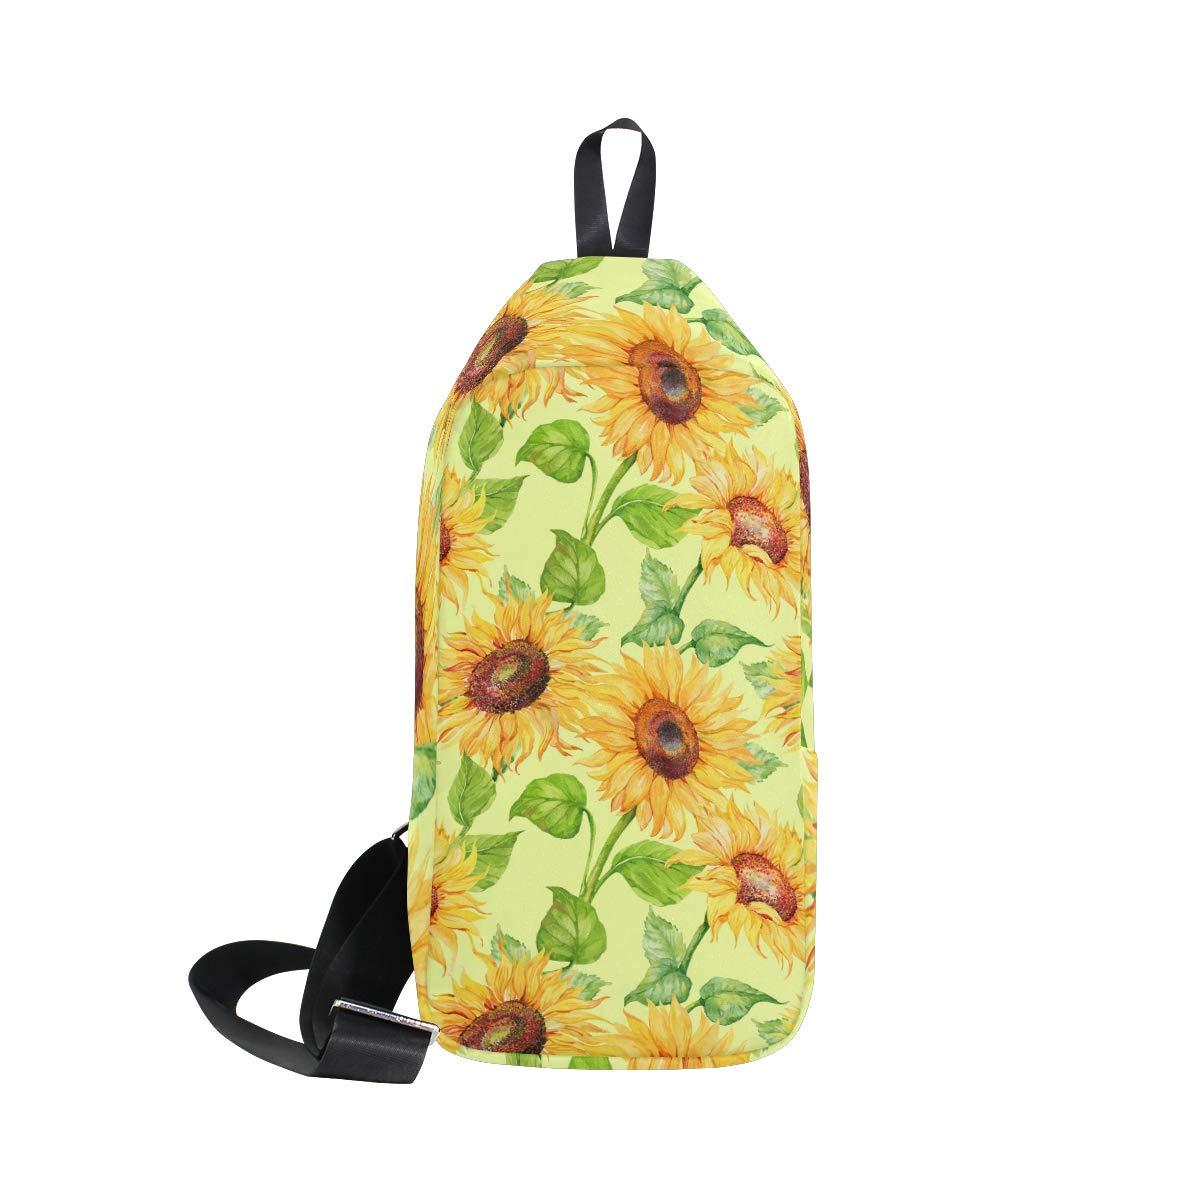 TFONE Sunflower Flower Floral Crossbody Bag Lightweight Chest Shoulder Messenger Pack Backpack Sling Bag